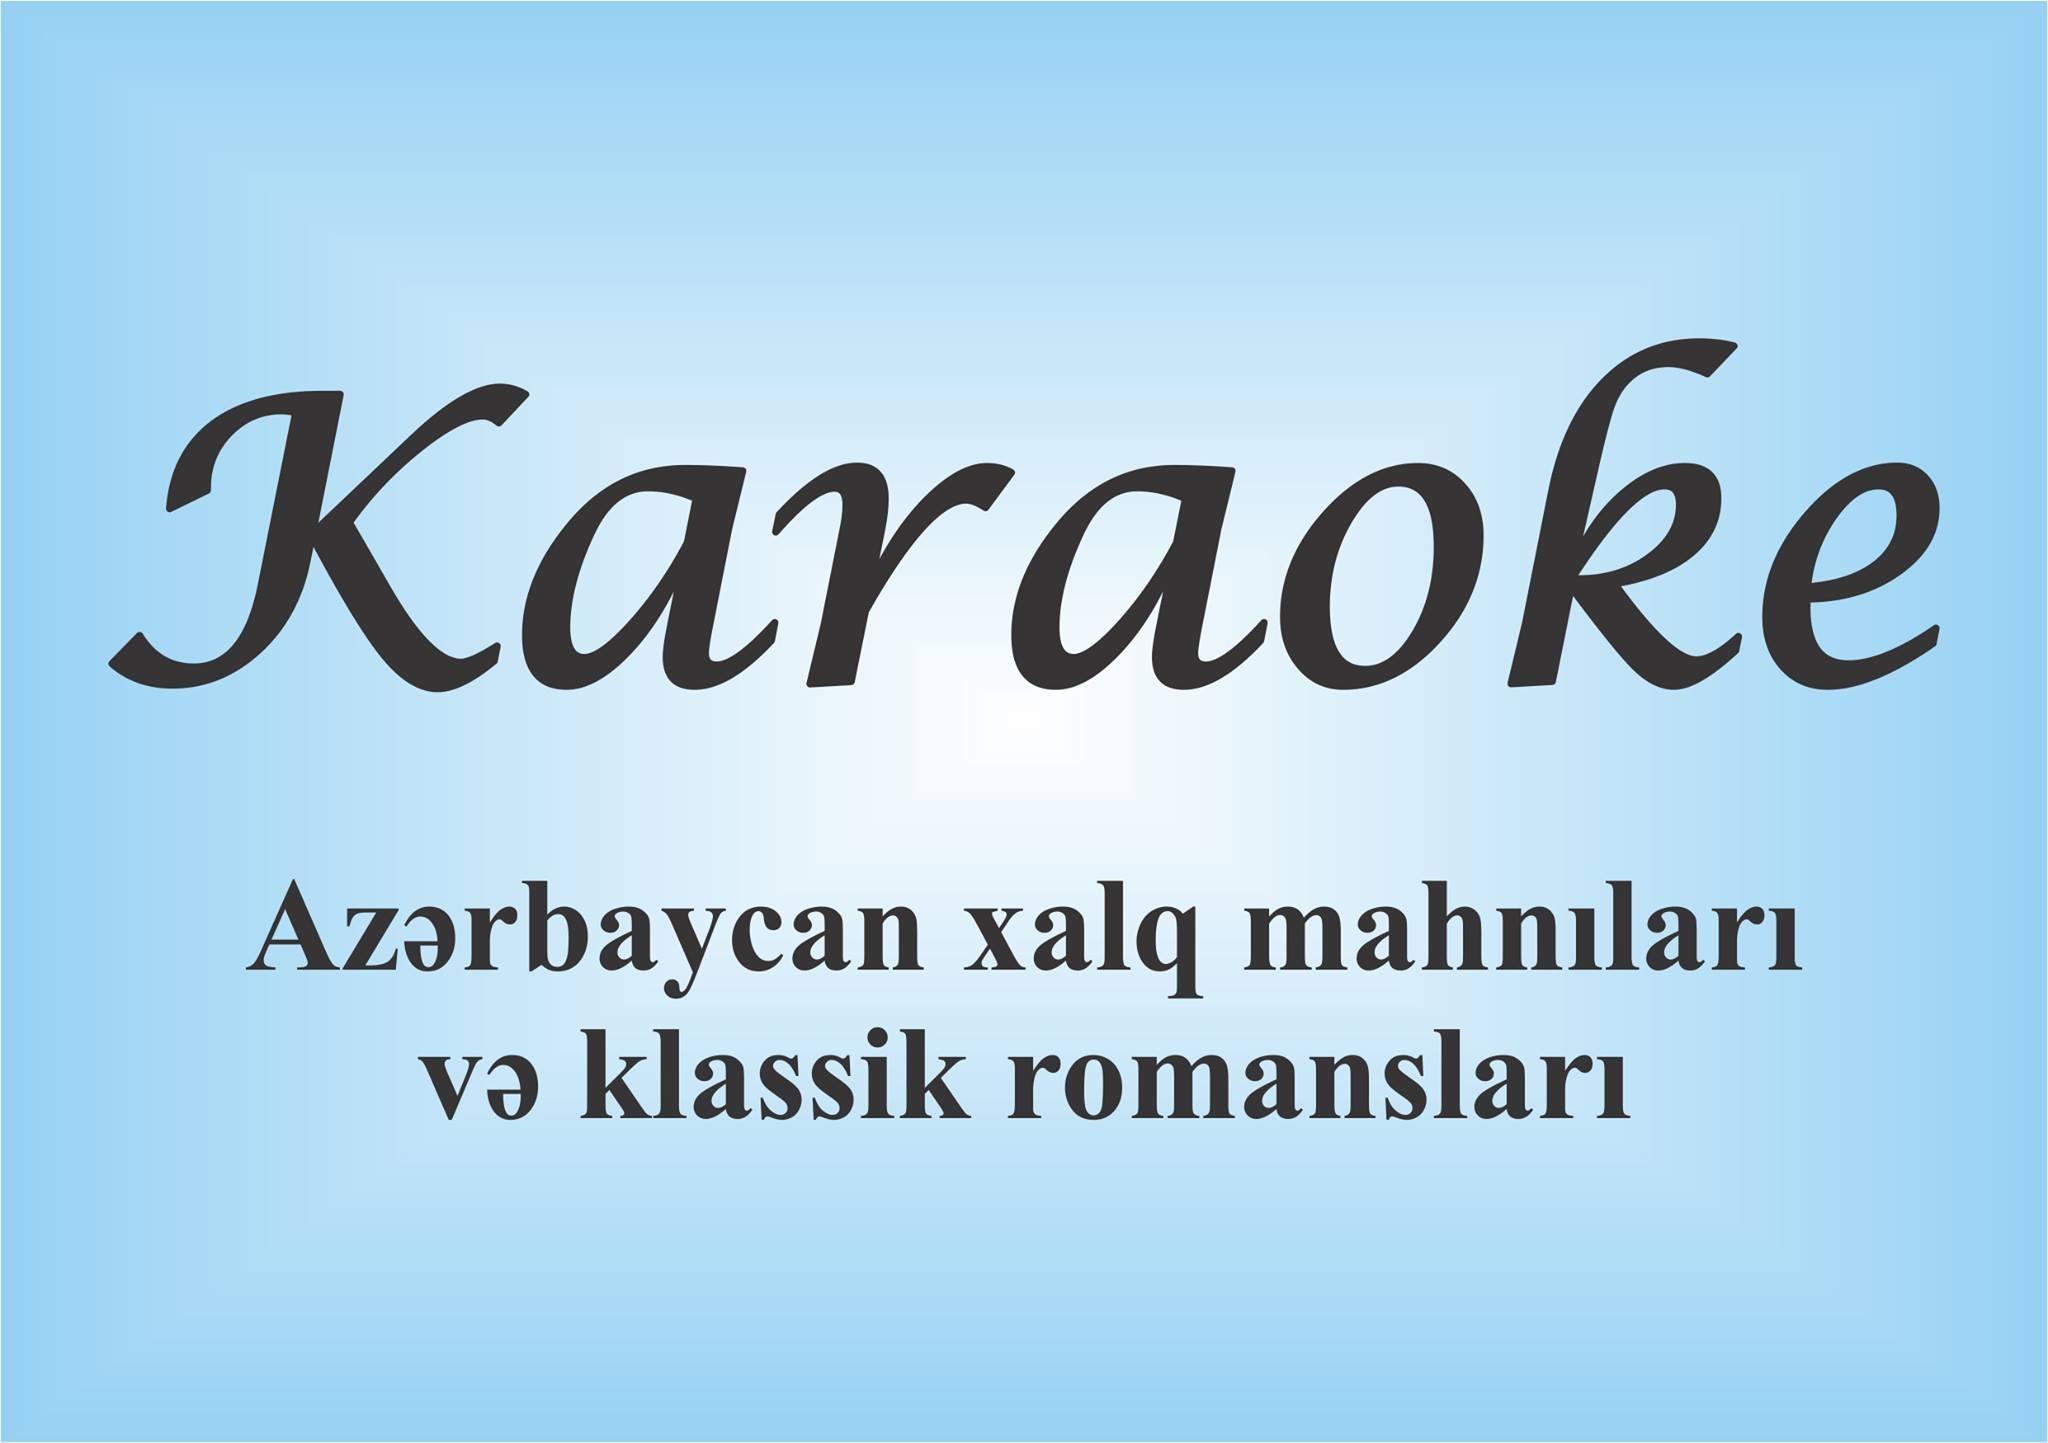 Karaoke-Azərbaycan xalq mahnıları və klassik romansları